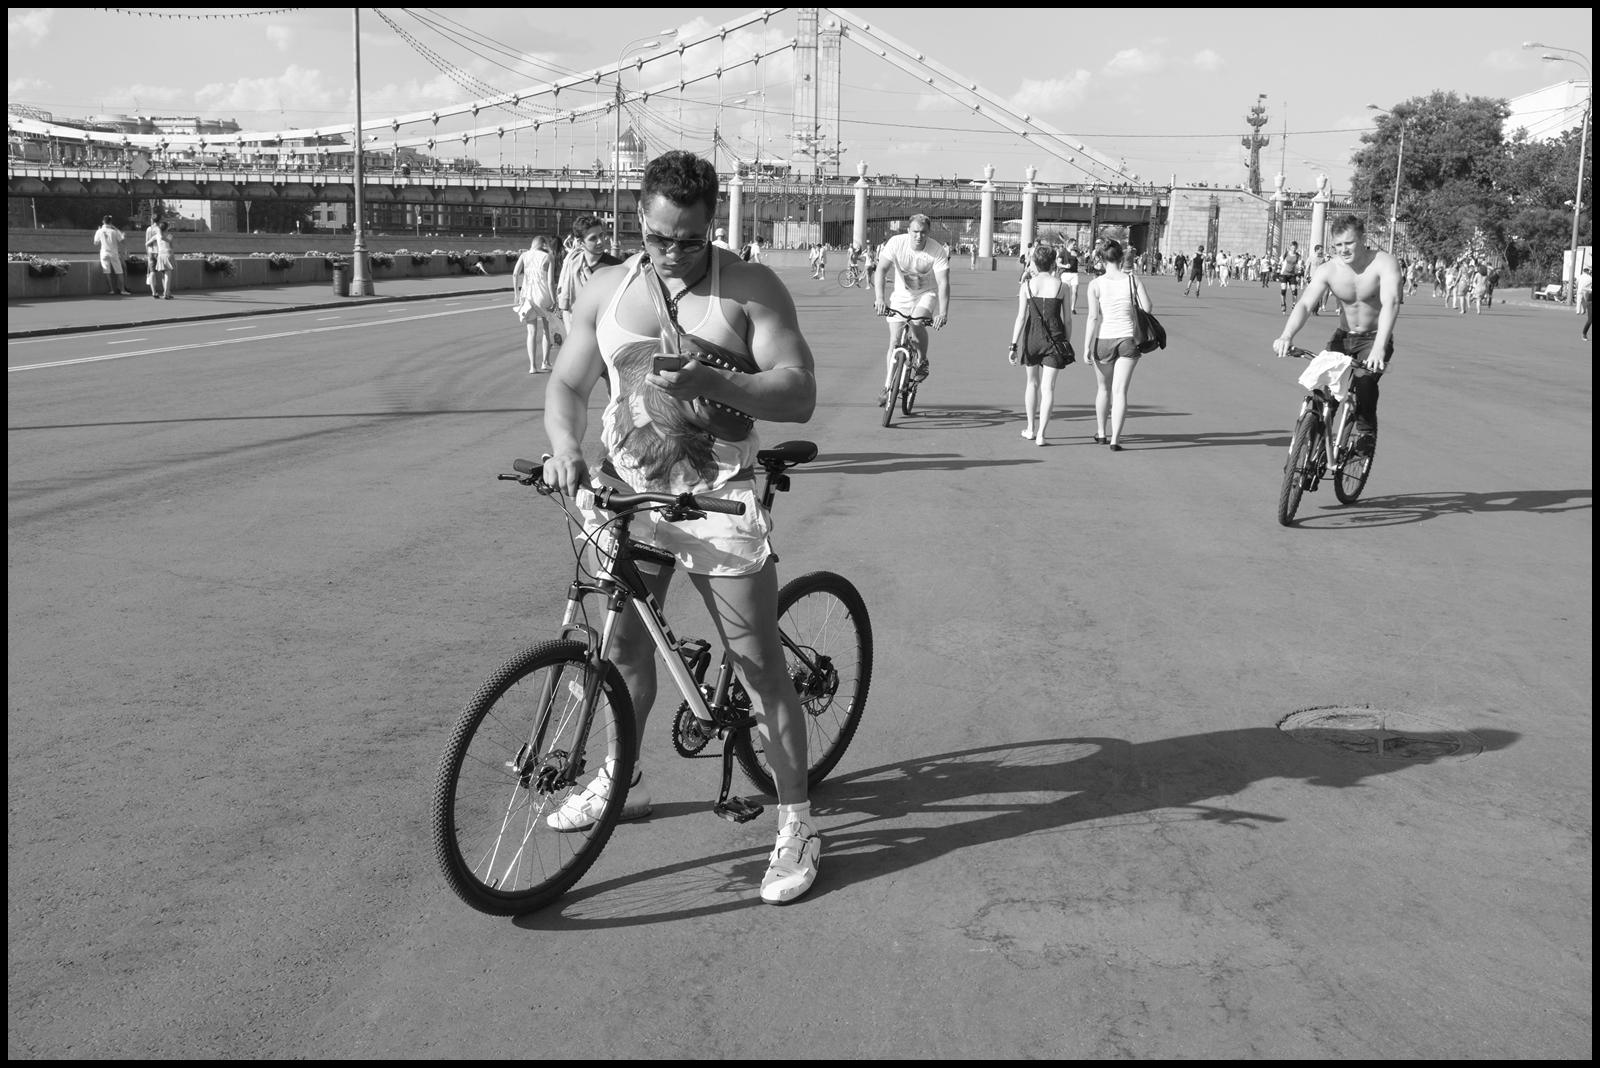 Игорь Зайцев. Парк Горького. Без названия